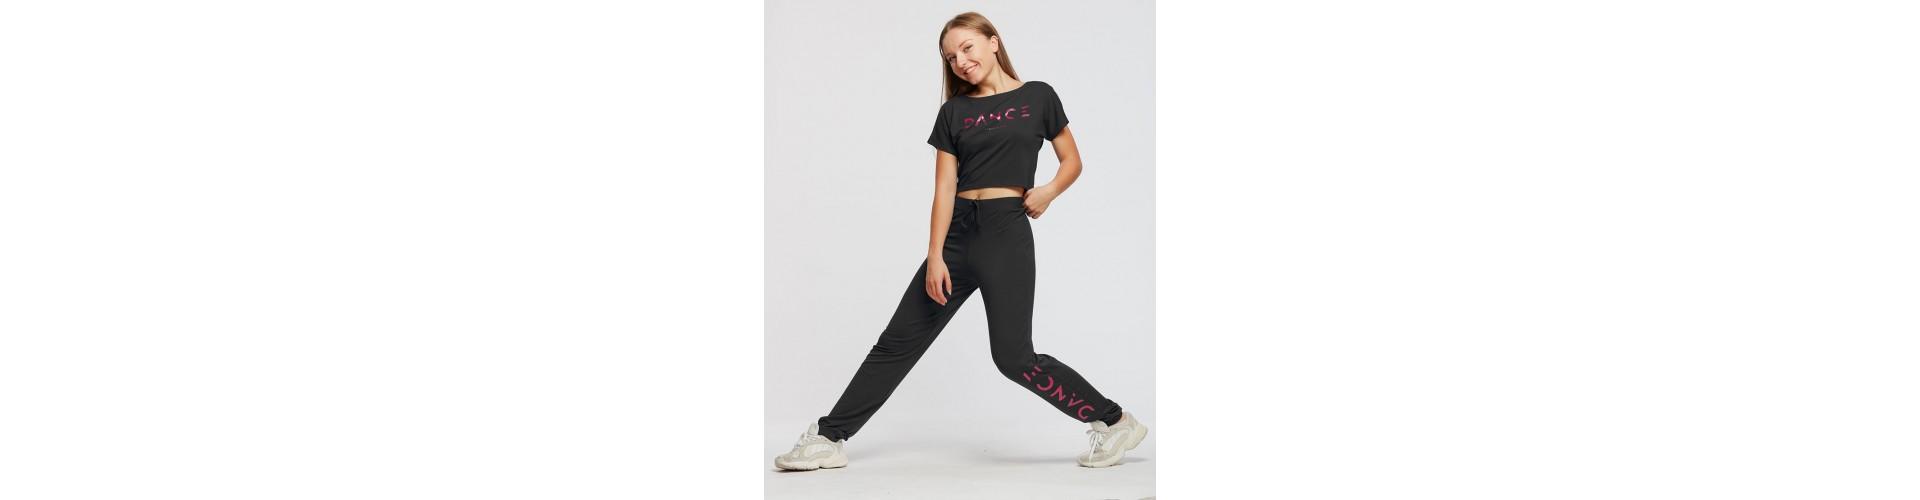 Pantalons de danse femme